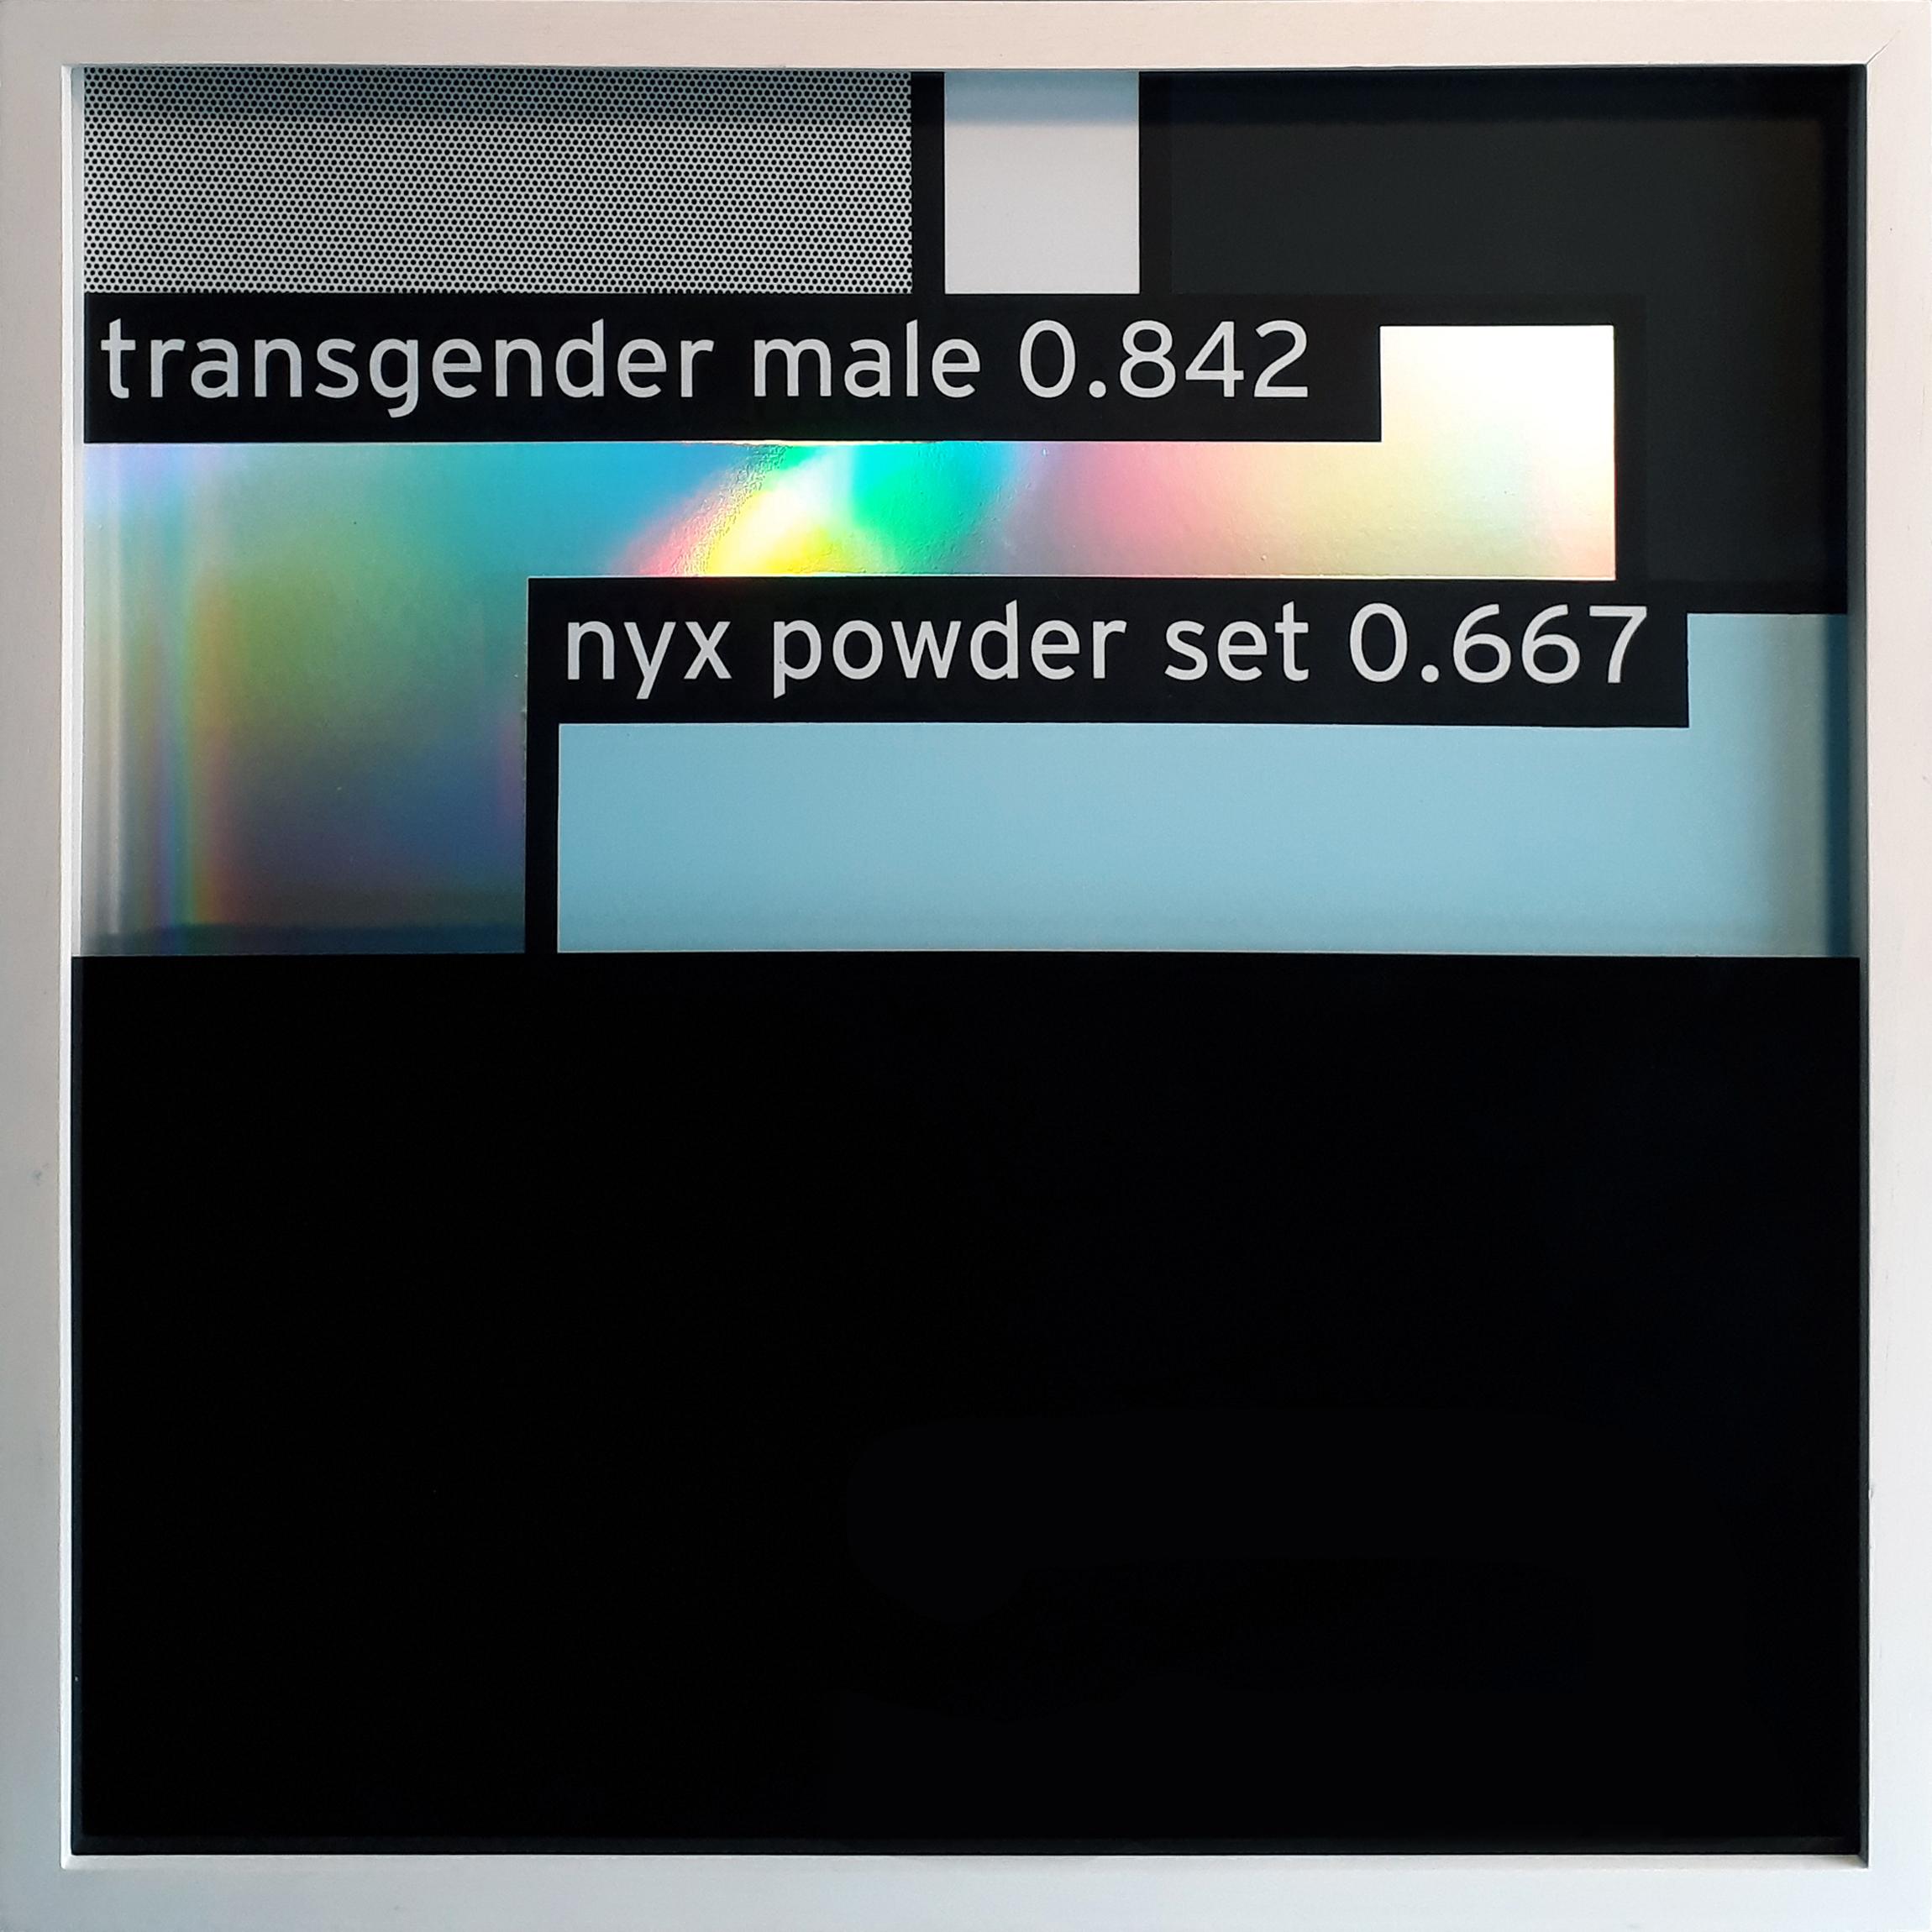 TRANSGENDER MALE 0.842